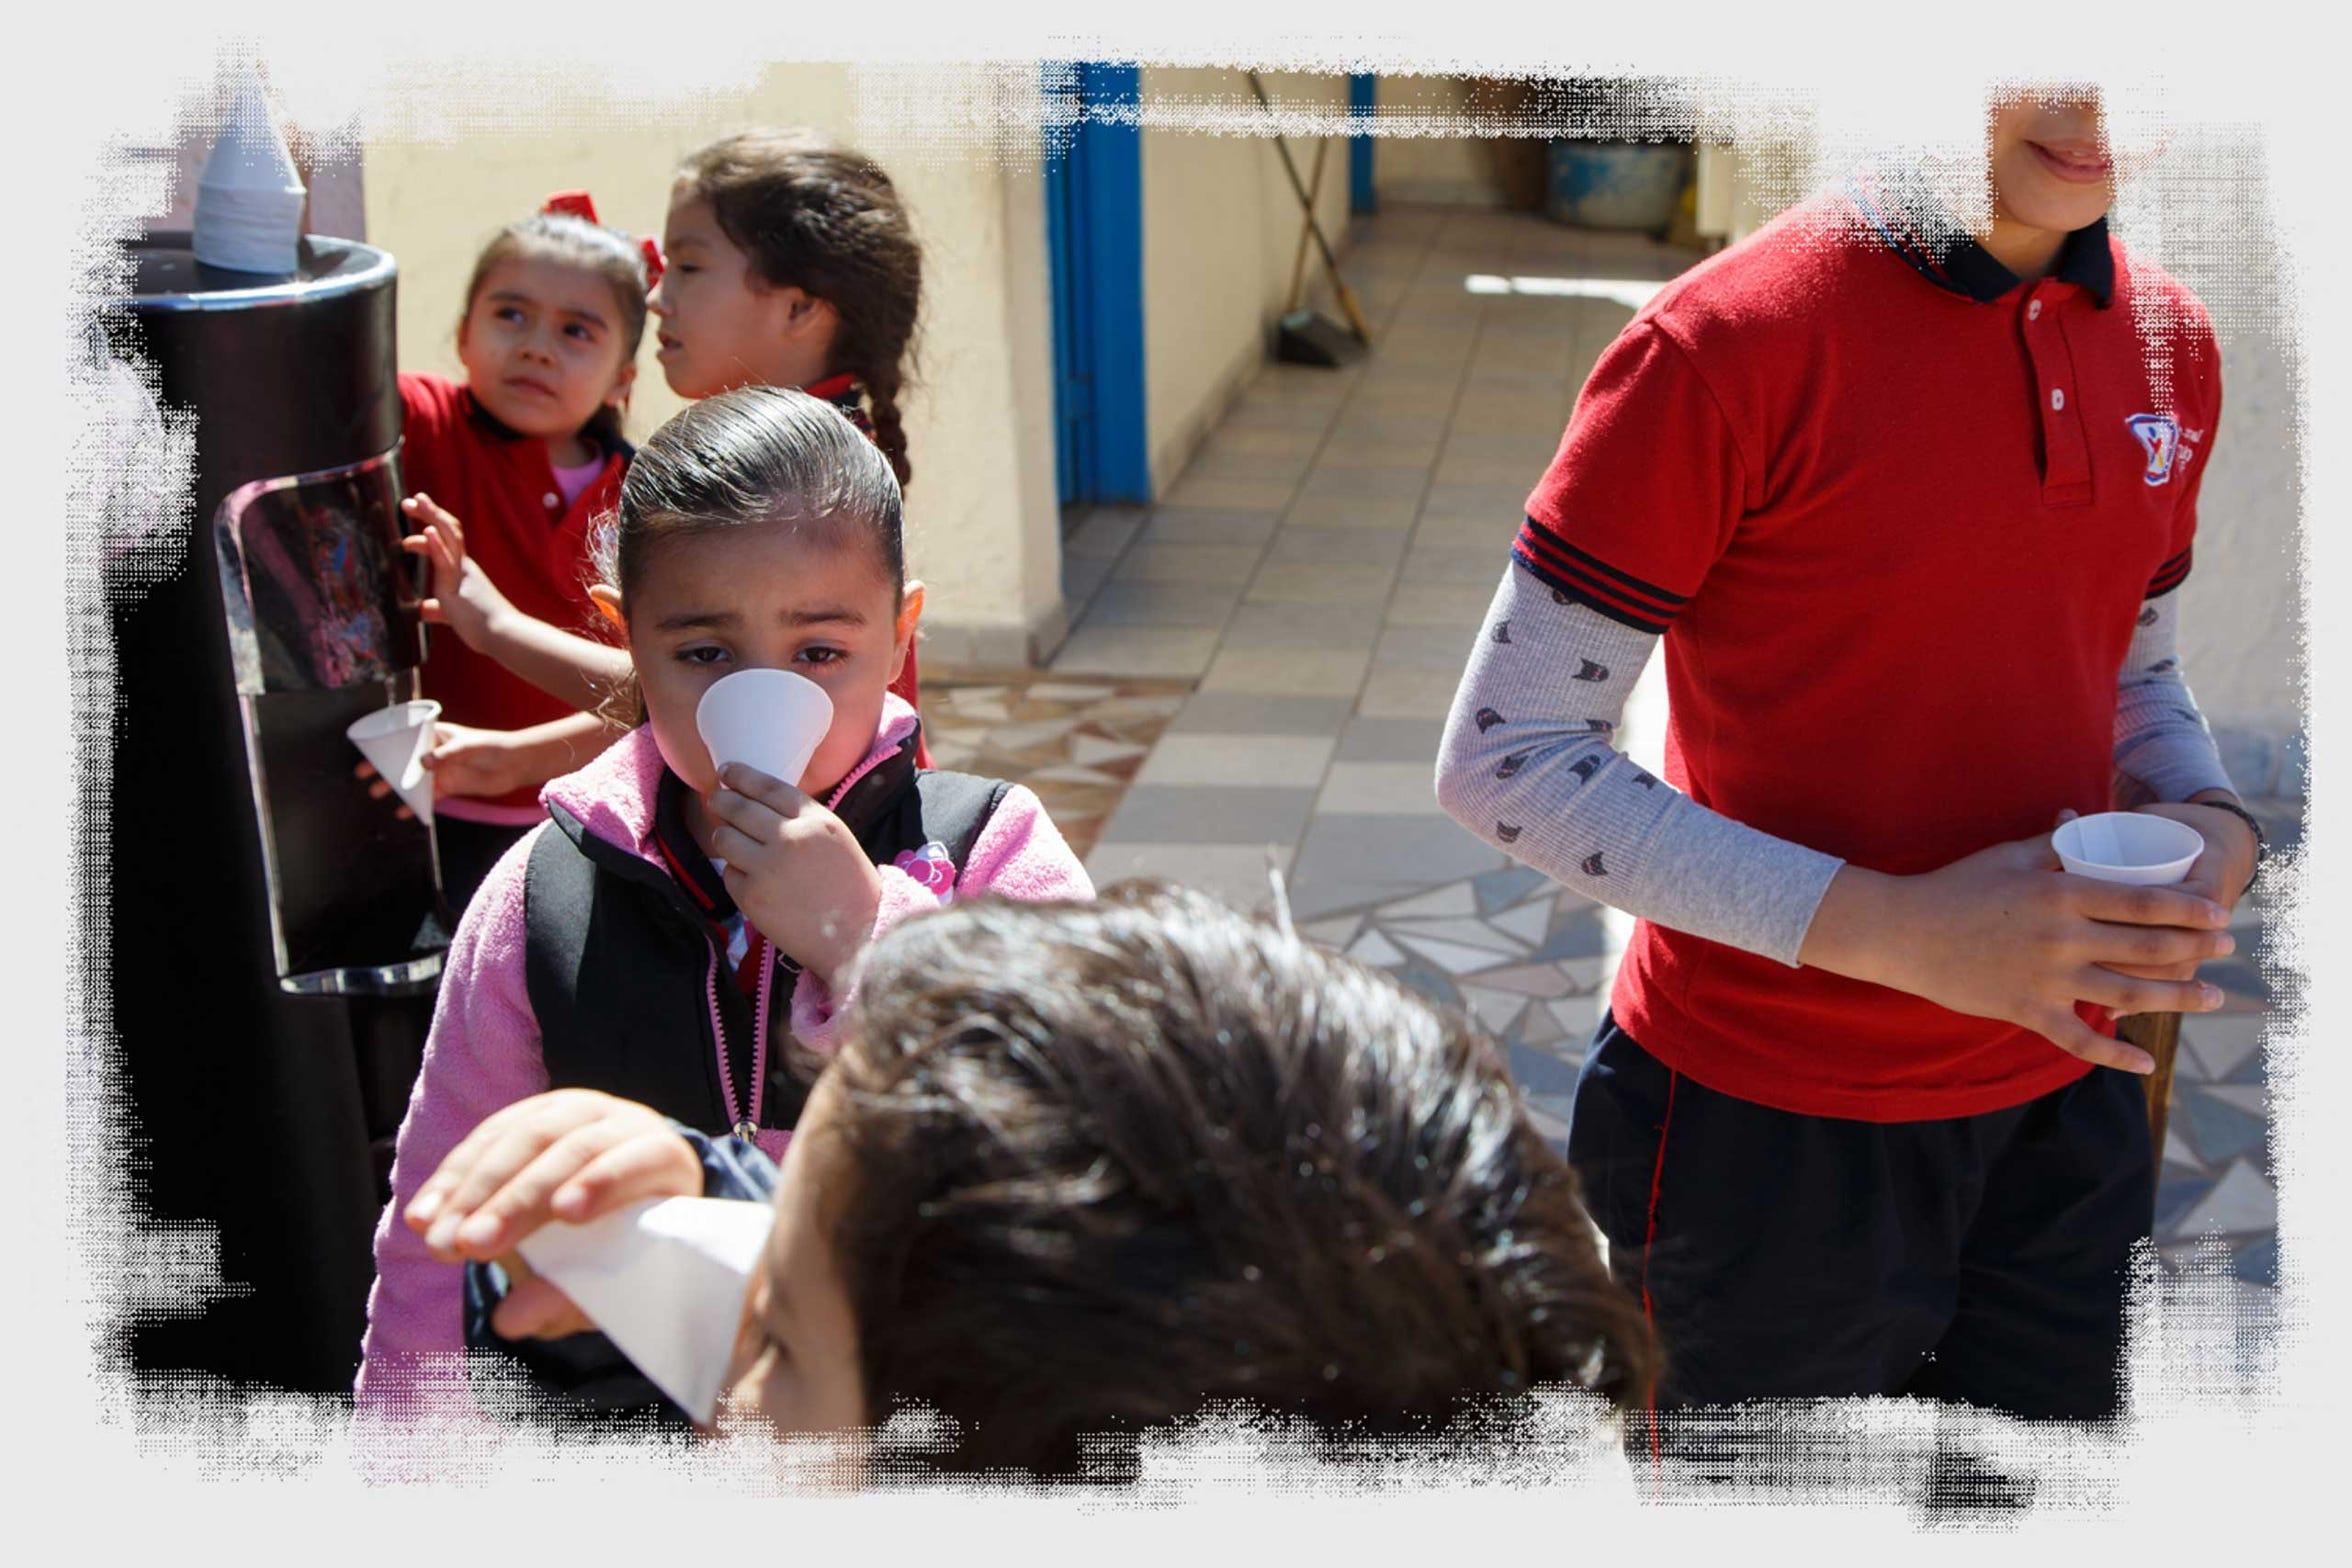 Estudiantes beben agua fría de un dispensario eléctrico en el Colegio Integral Leonardo da Vinci en Mexicali.